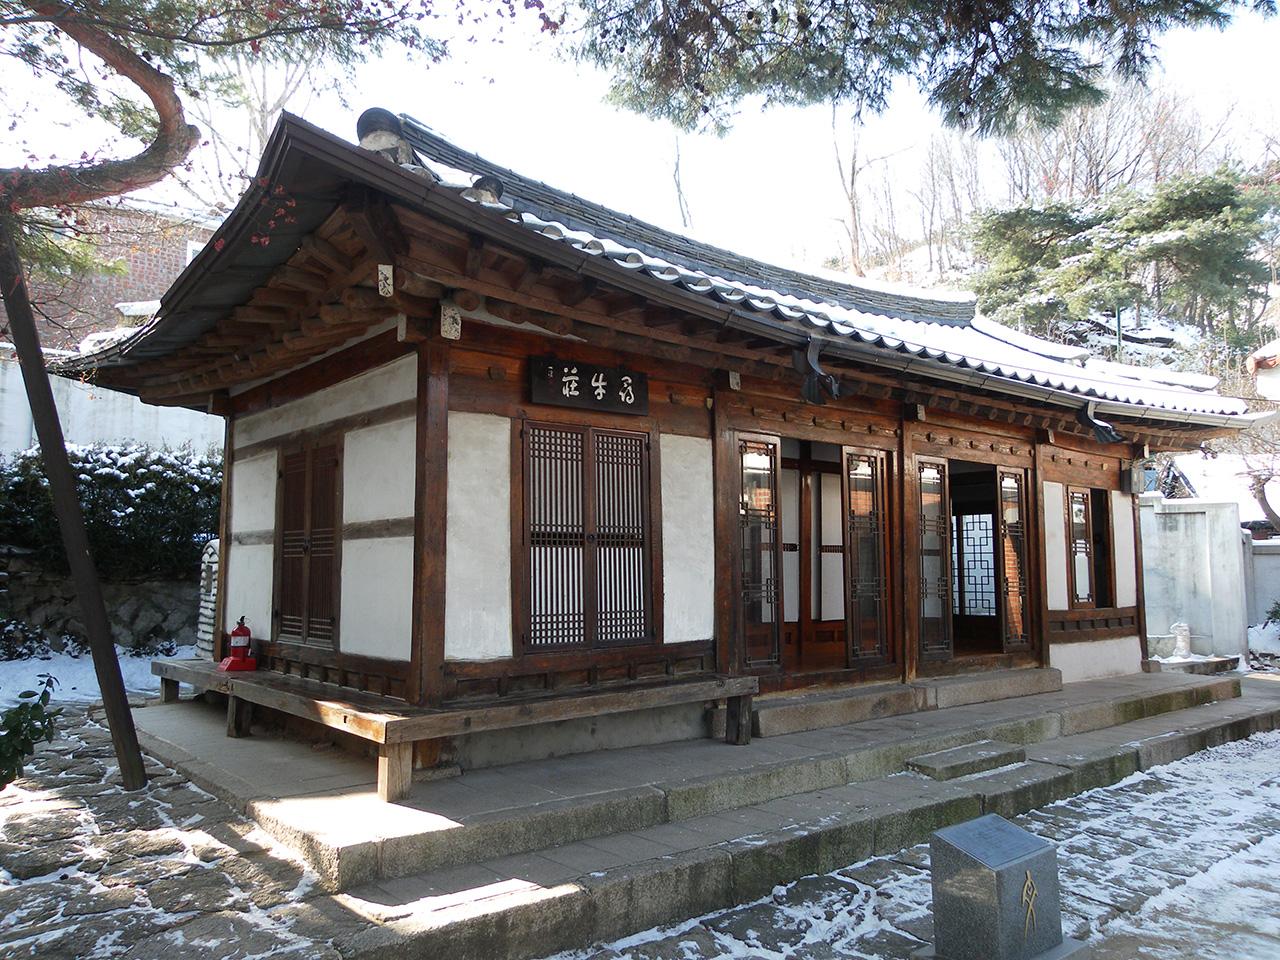 심우장. 서울 성북동에 있는 한용운의 집. 겨울에 찍은 사진이라 눈이 널려 있다.